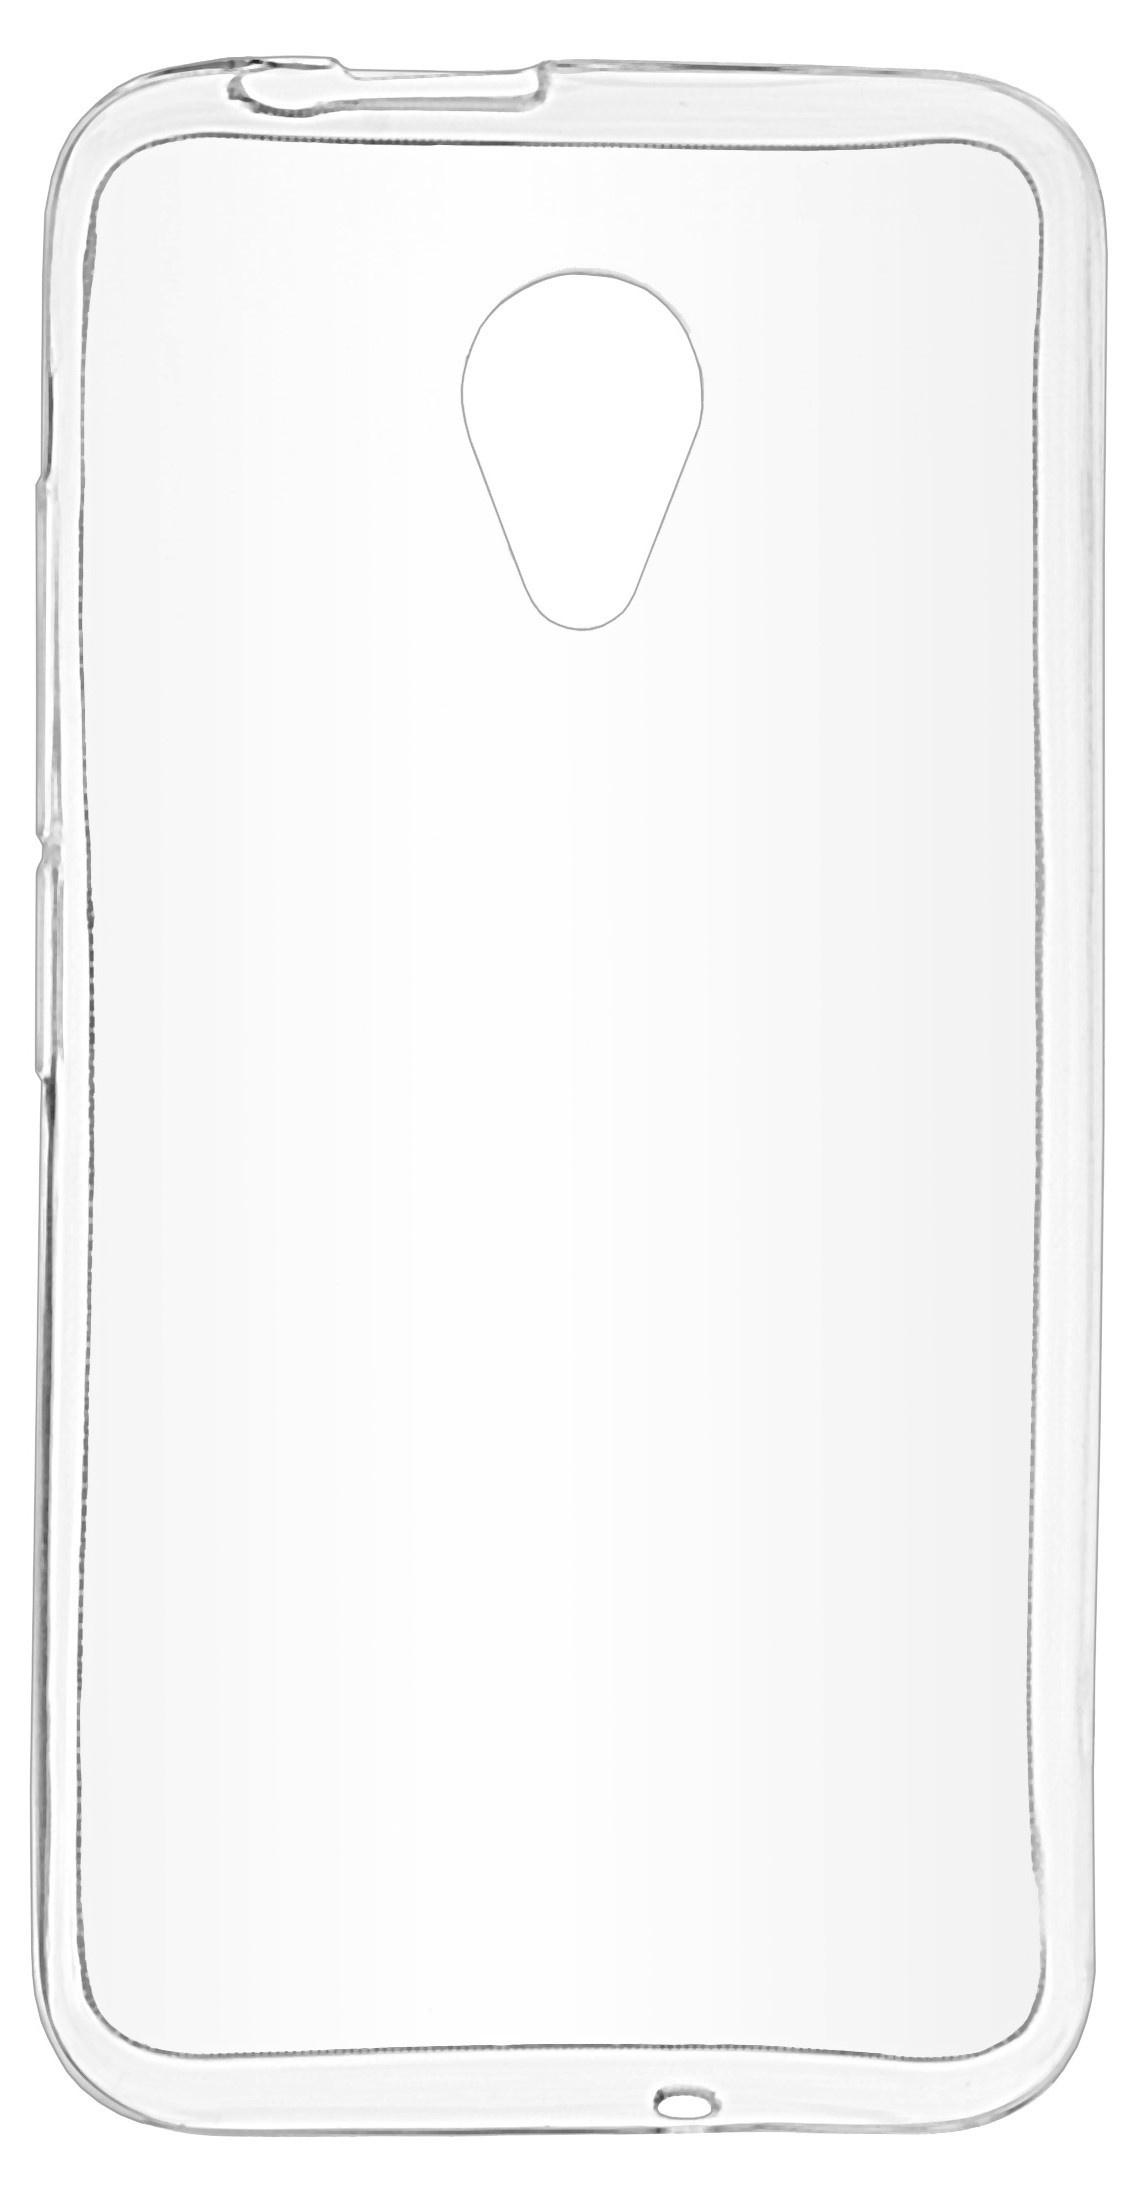 Чехол для сотового телефона skinBOX Silicone, 4630042529731, прозрачный недорого